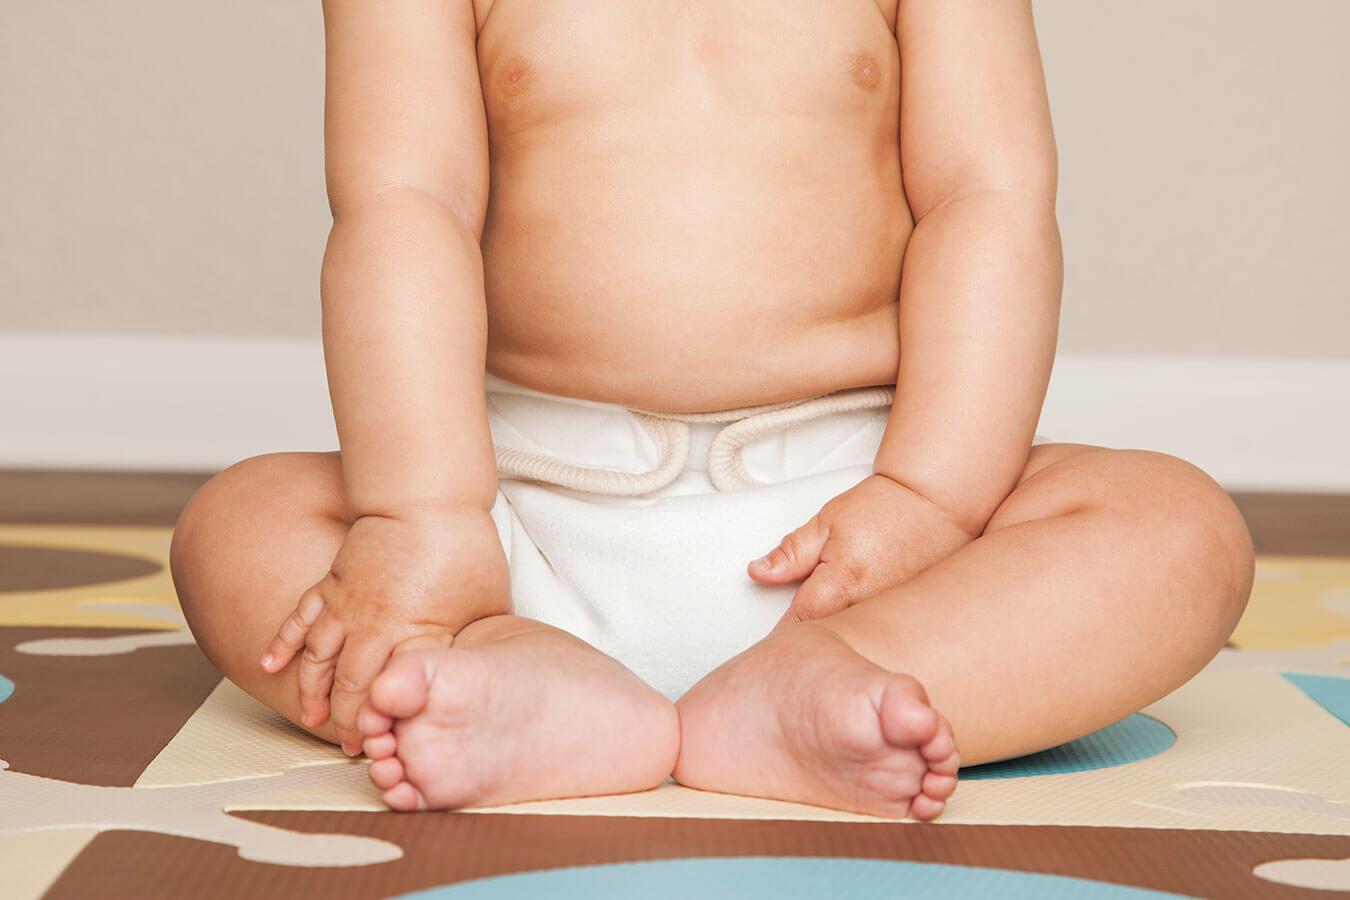 Napletek u dzieci i niemowląt [objawy stulejki, zapalenie napletka]